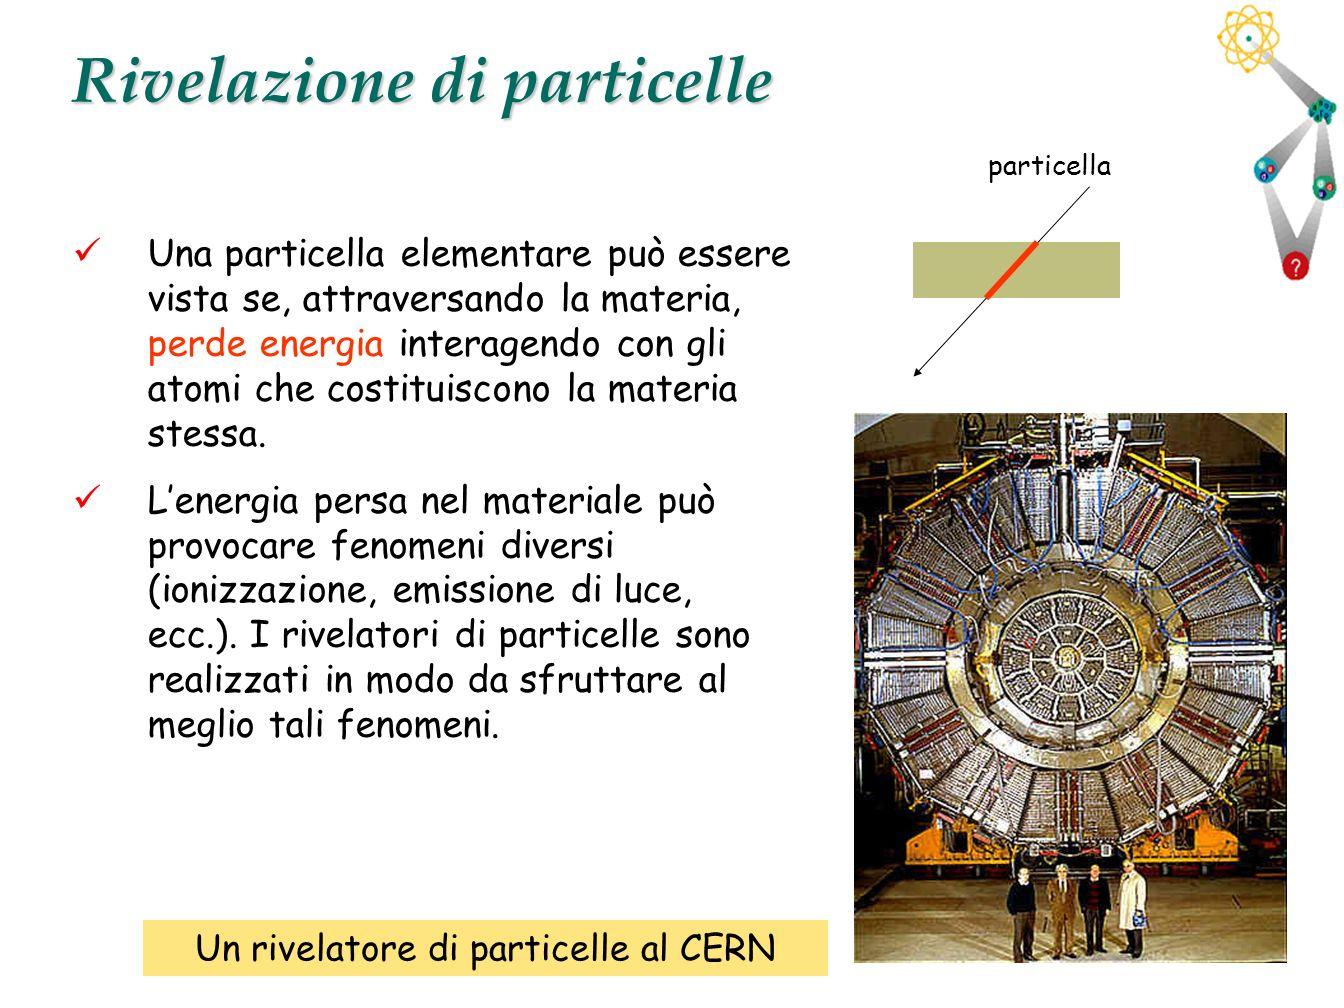 Rivelazione di particelle